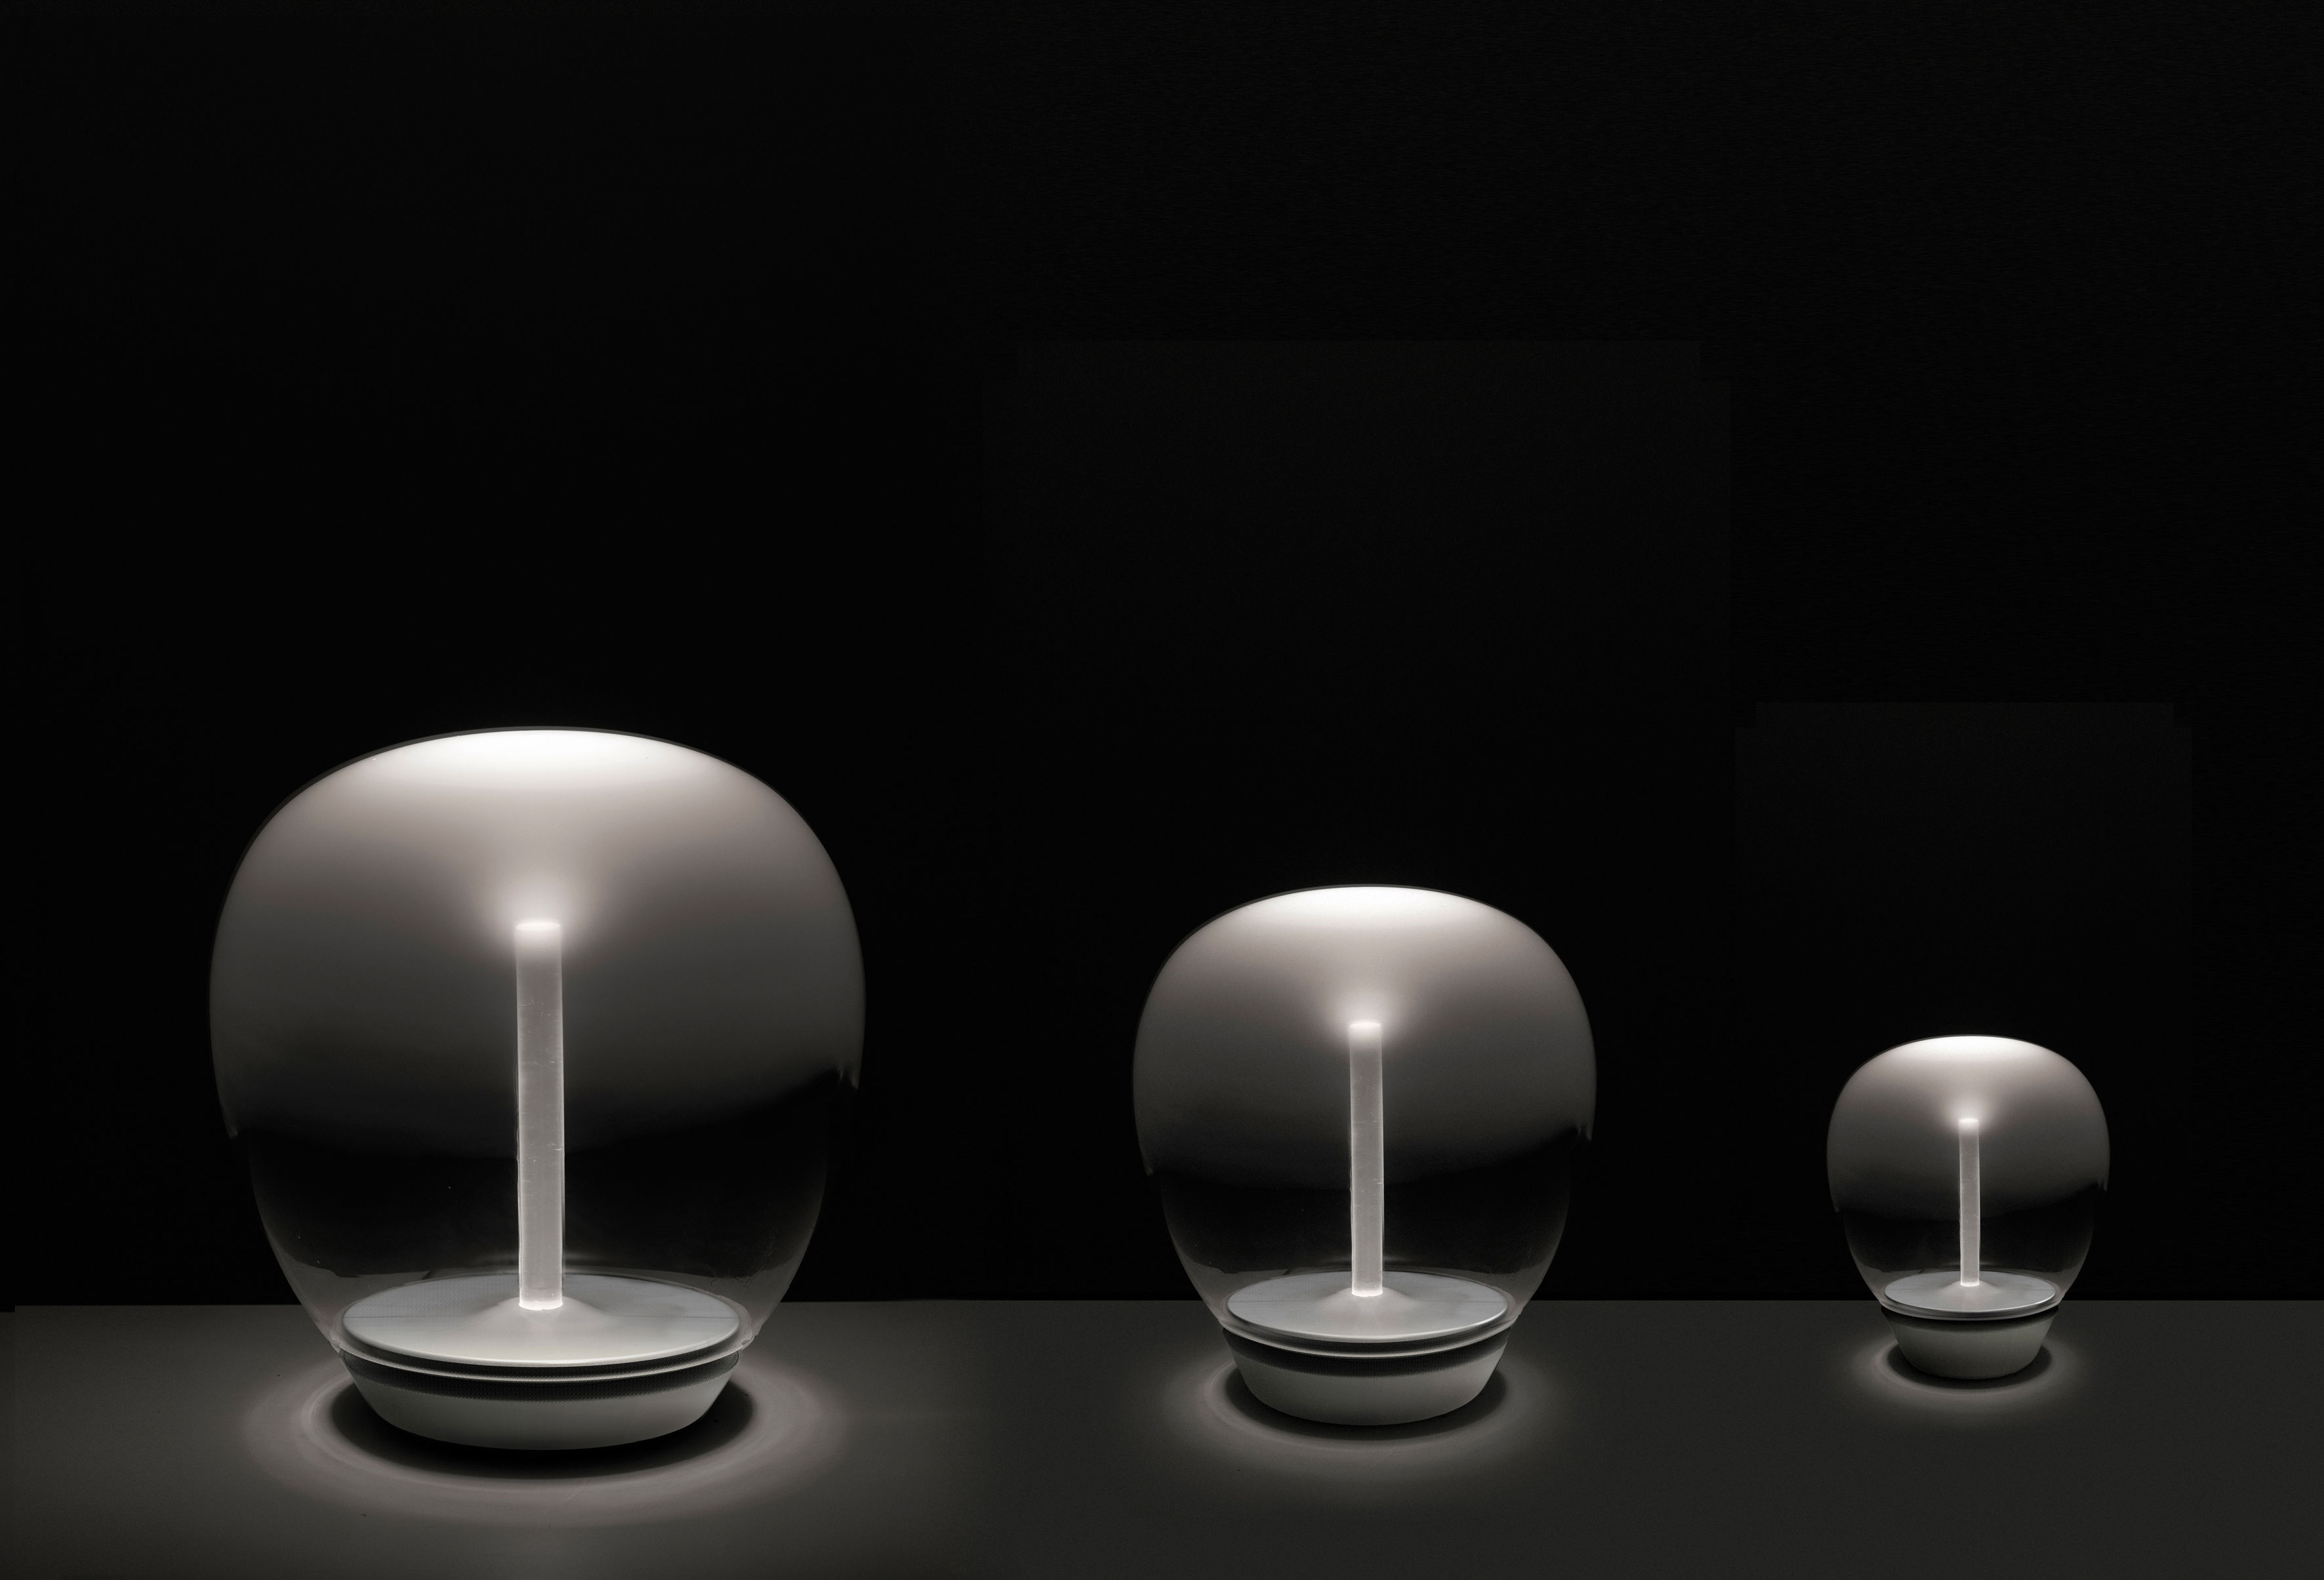 Lampada sfera artemide artemide lampadari artemide lampadario